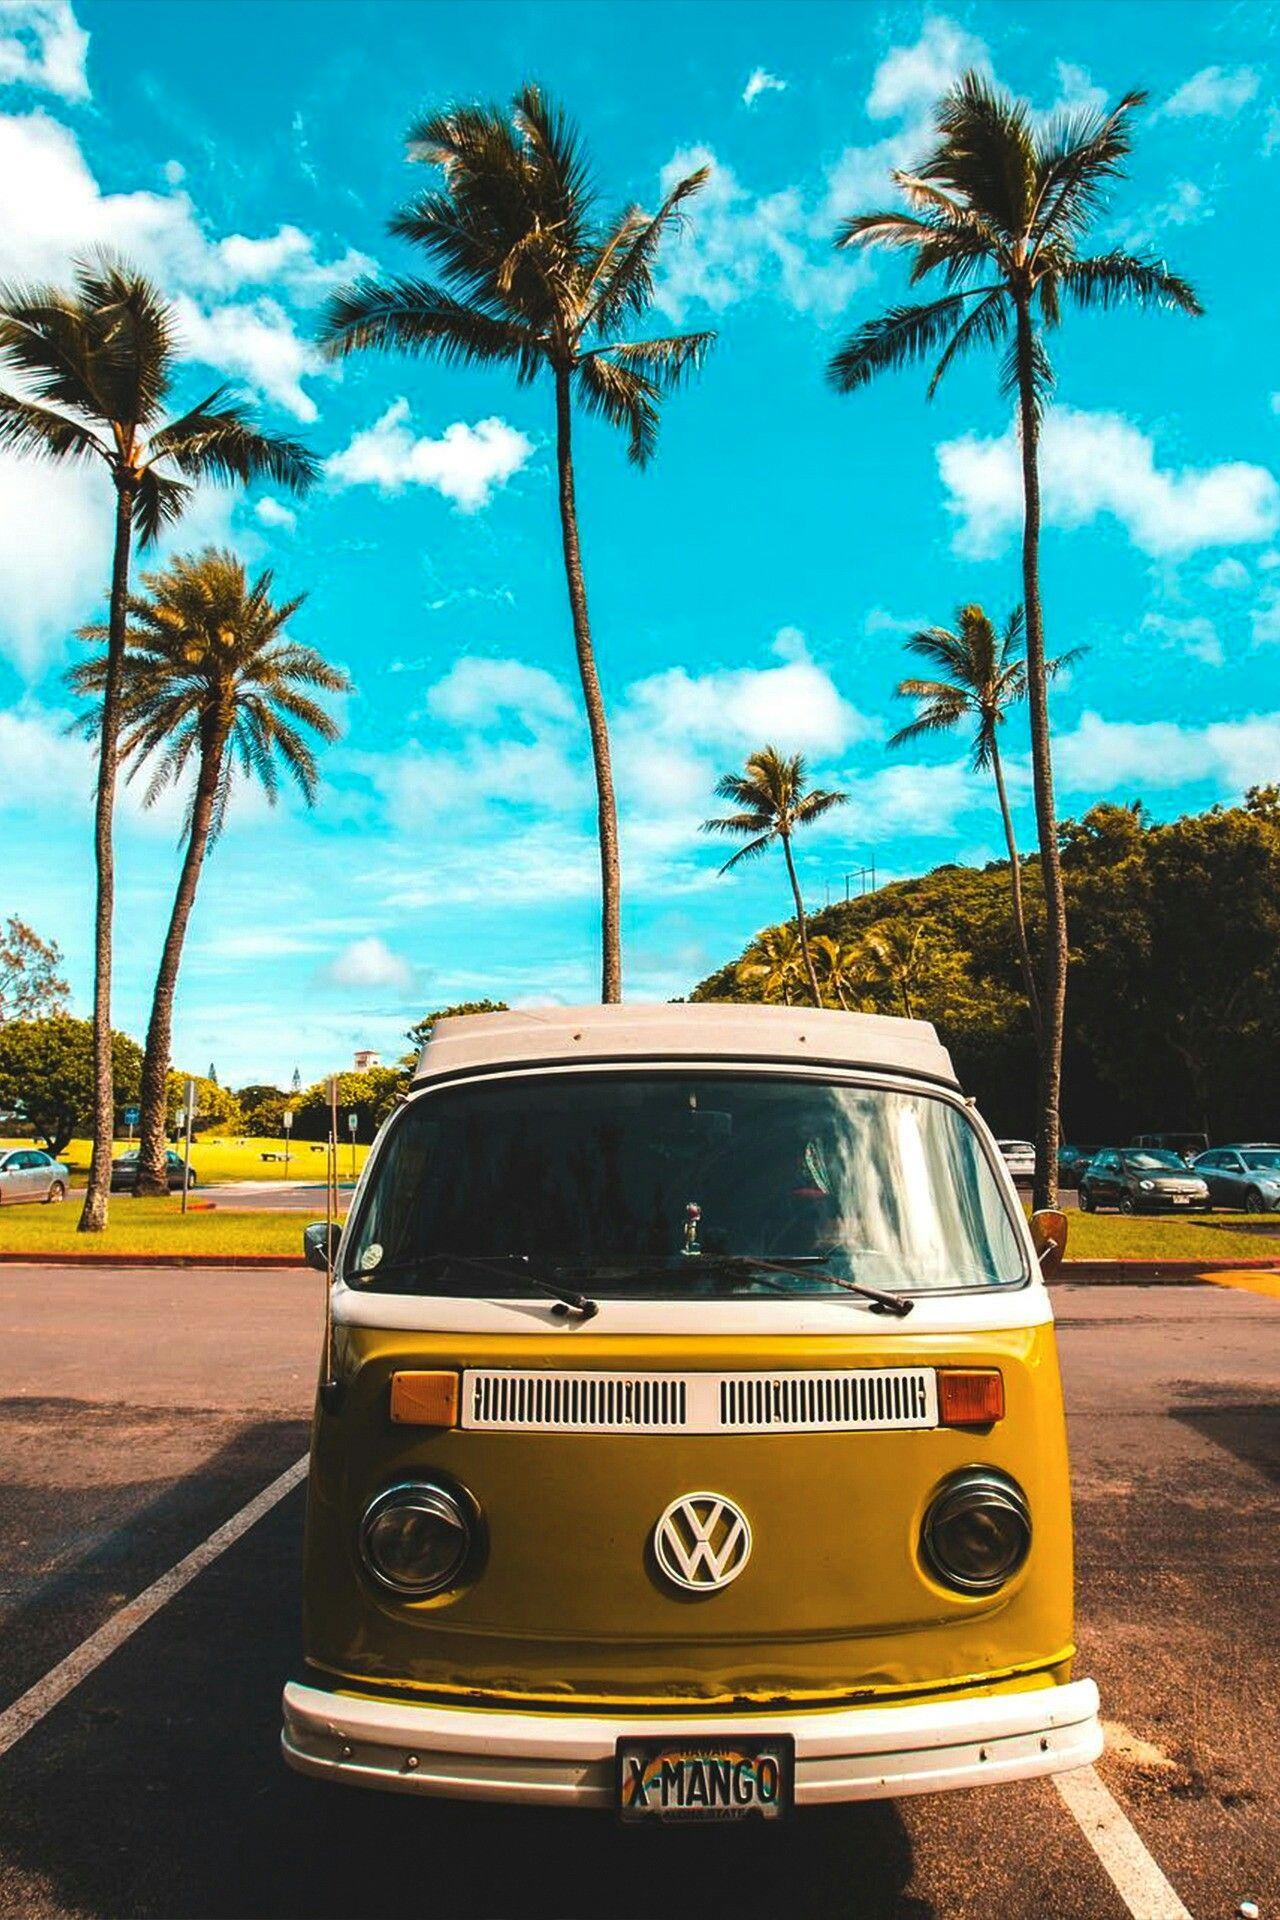 Hippie Van Wallpapers   Top Hippie Van Backgrounds 1280x1920